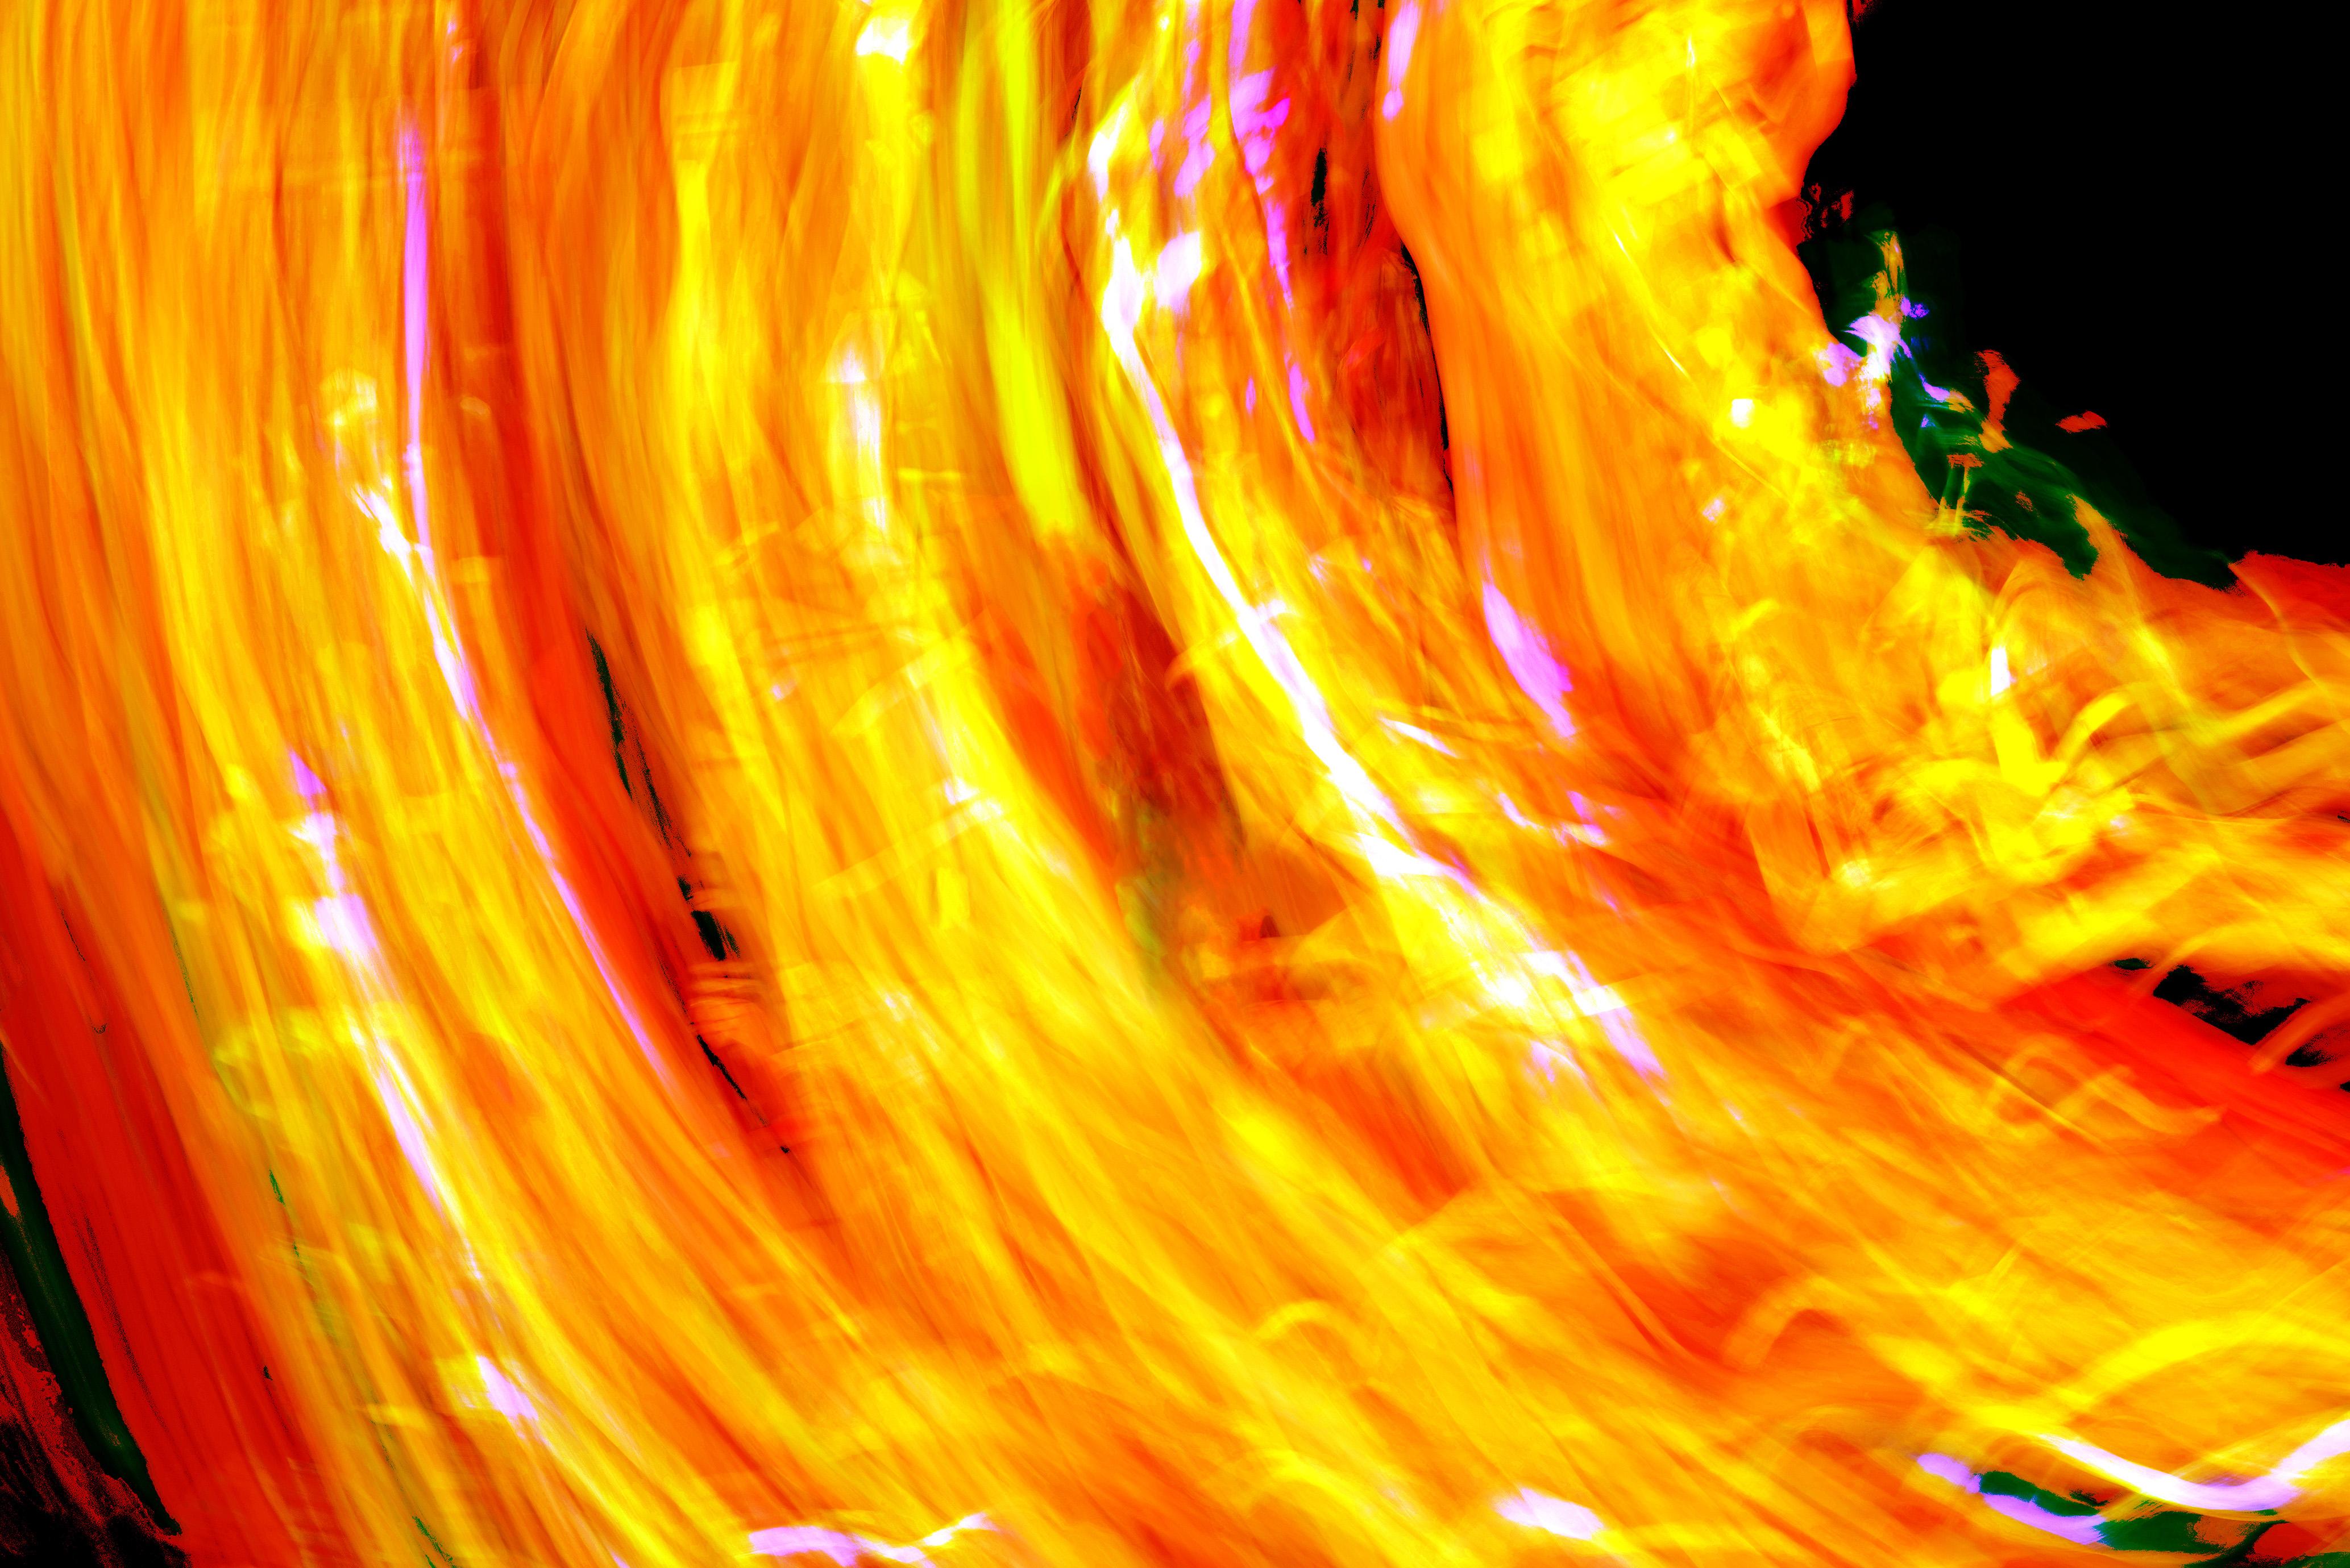 Flammen in der Nacht